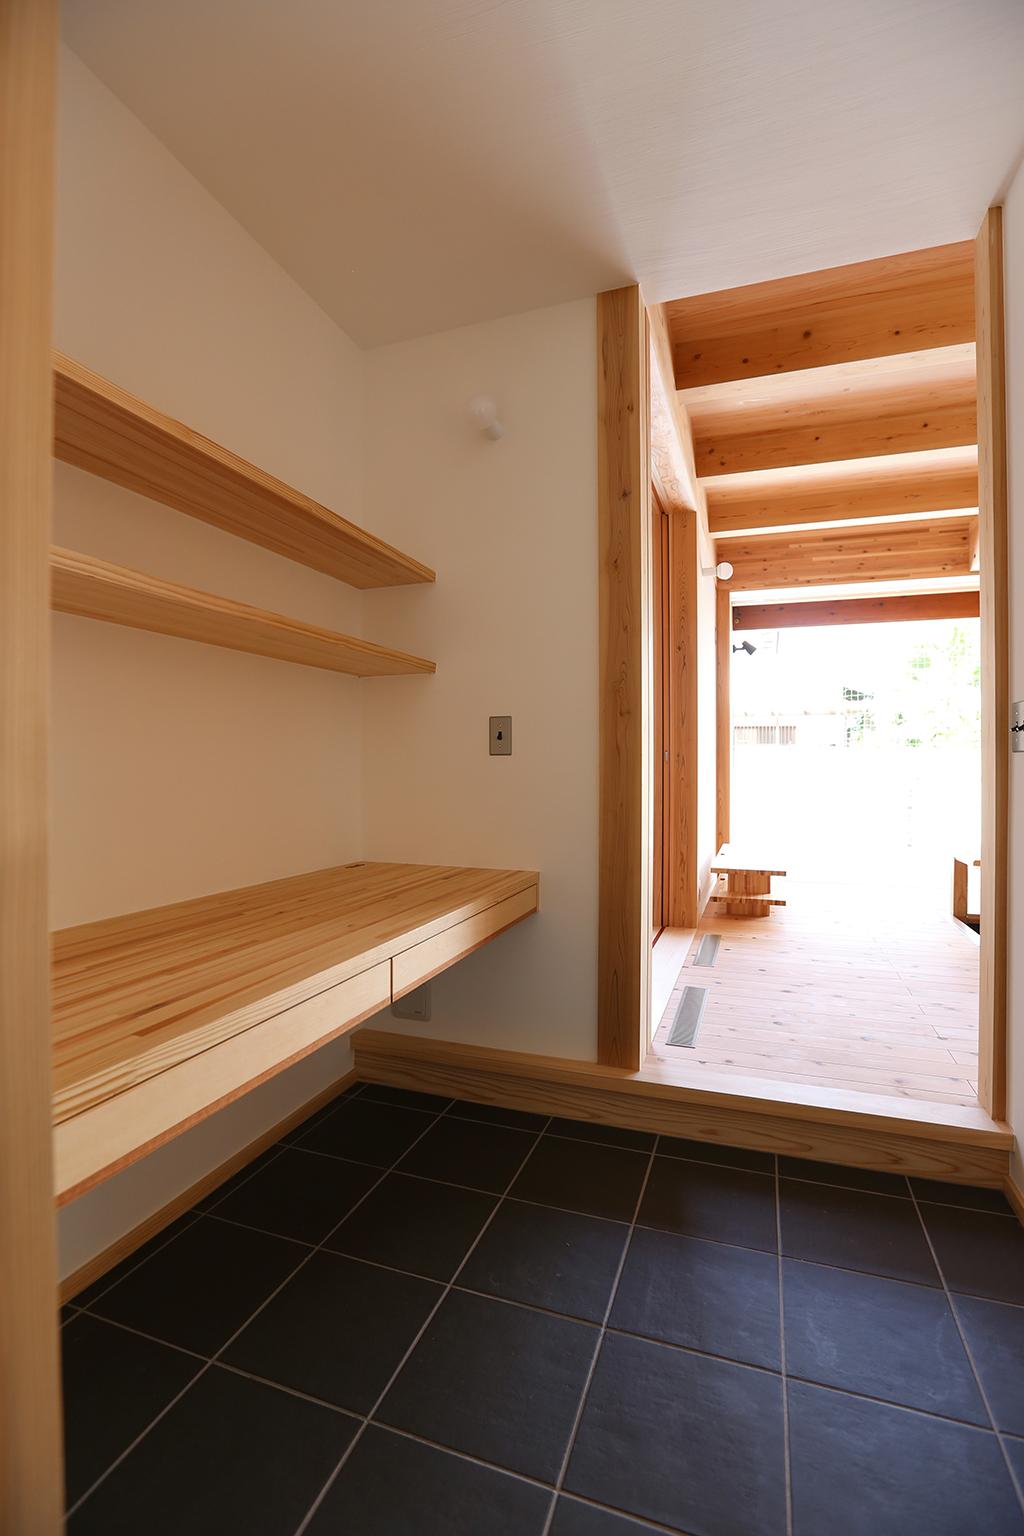 姫路市の木の家 キッチン脇の家事コーナー